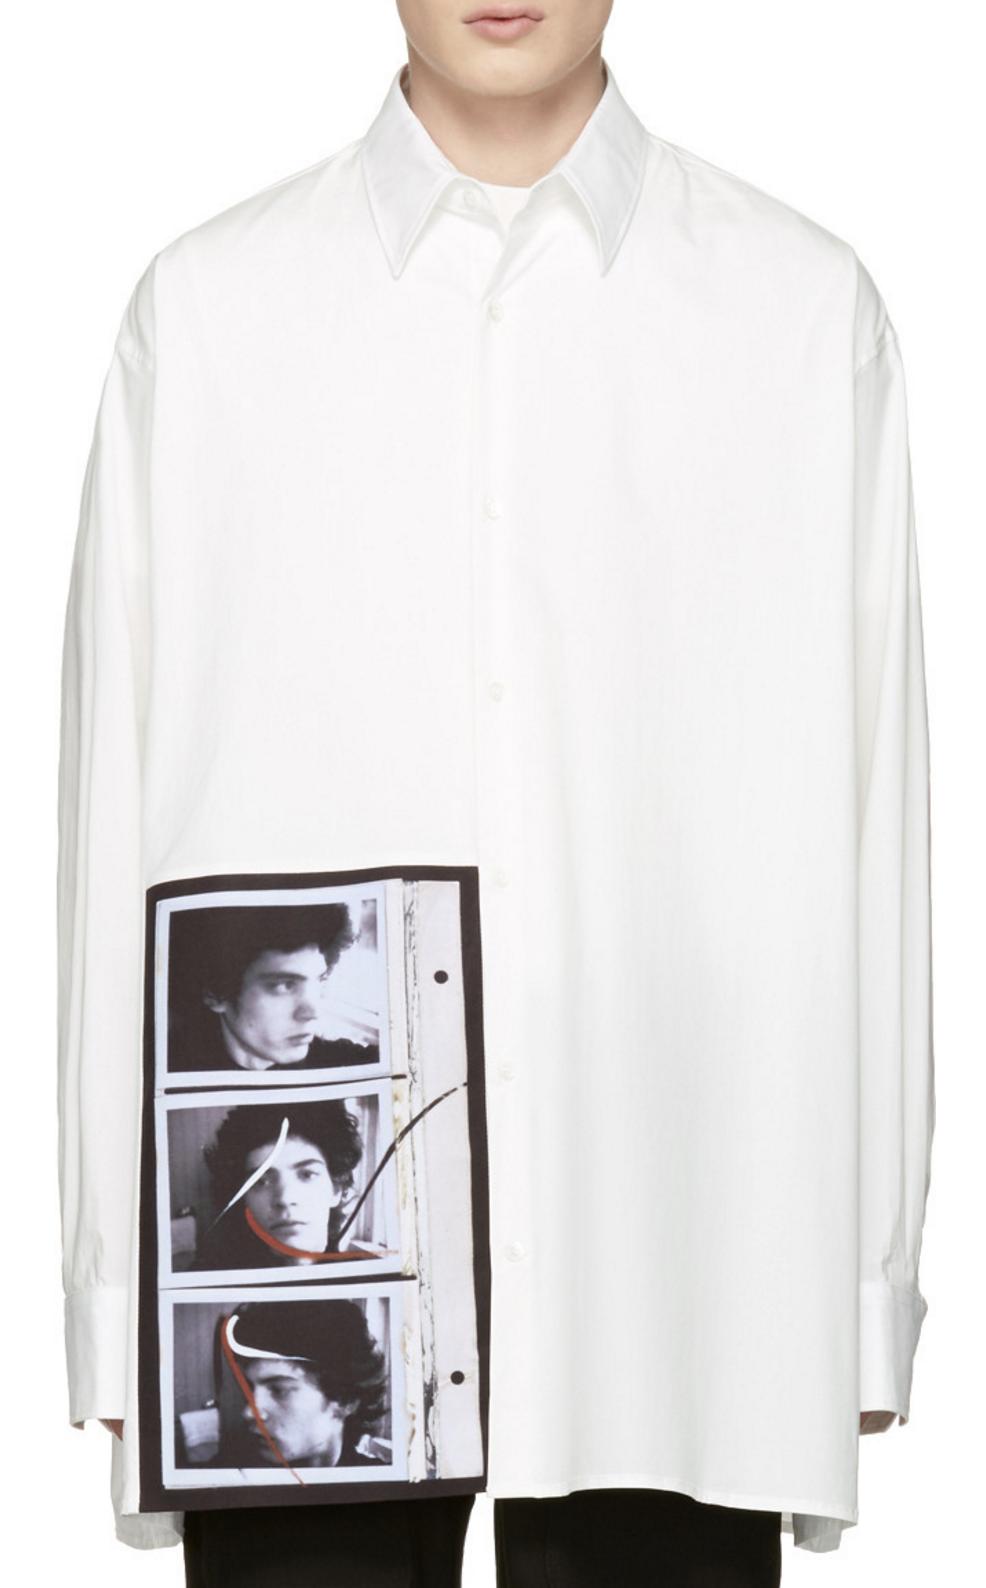 914b2d5b7e Raf Simons Off-White Robert Mapplethorpe Edition Self Portrait Oversized  Shirt from SSENSE (men